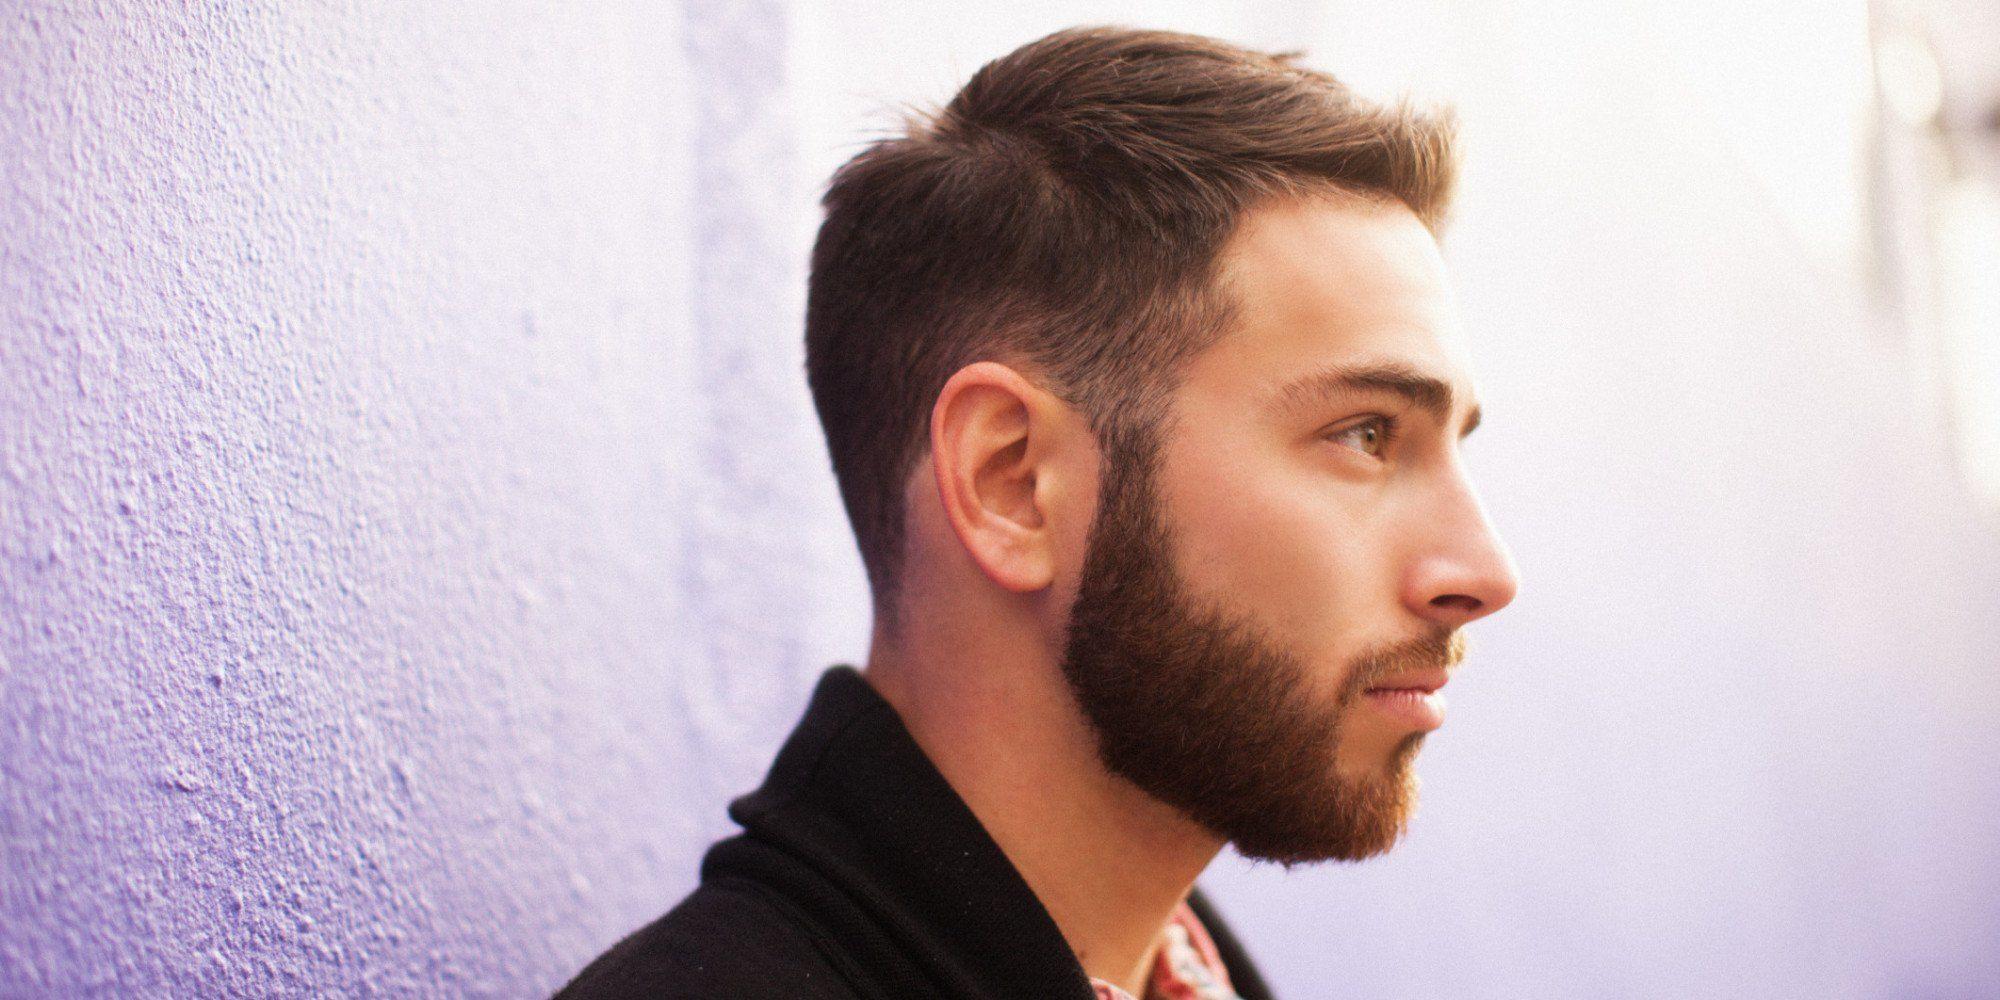 Arabic Style Beard 25 Popular Beard Styles For Arabic Men Beard Styles For Men Beard Styles Popular Beard Styles